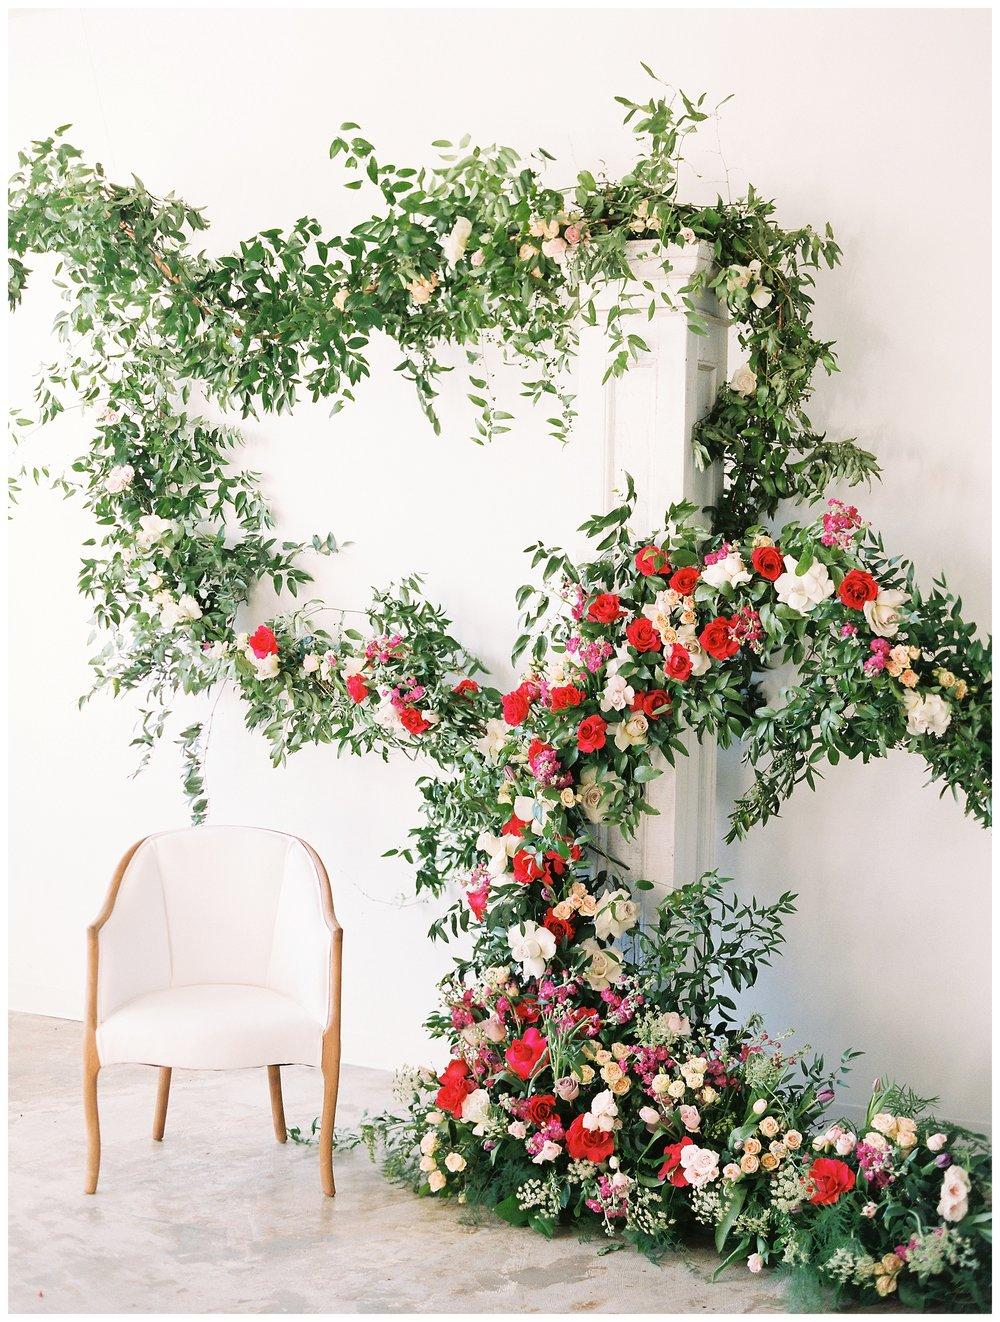 2020_Wedding_Trends_Pantone_0001.jpg